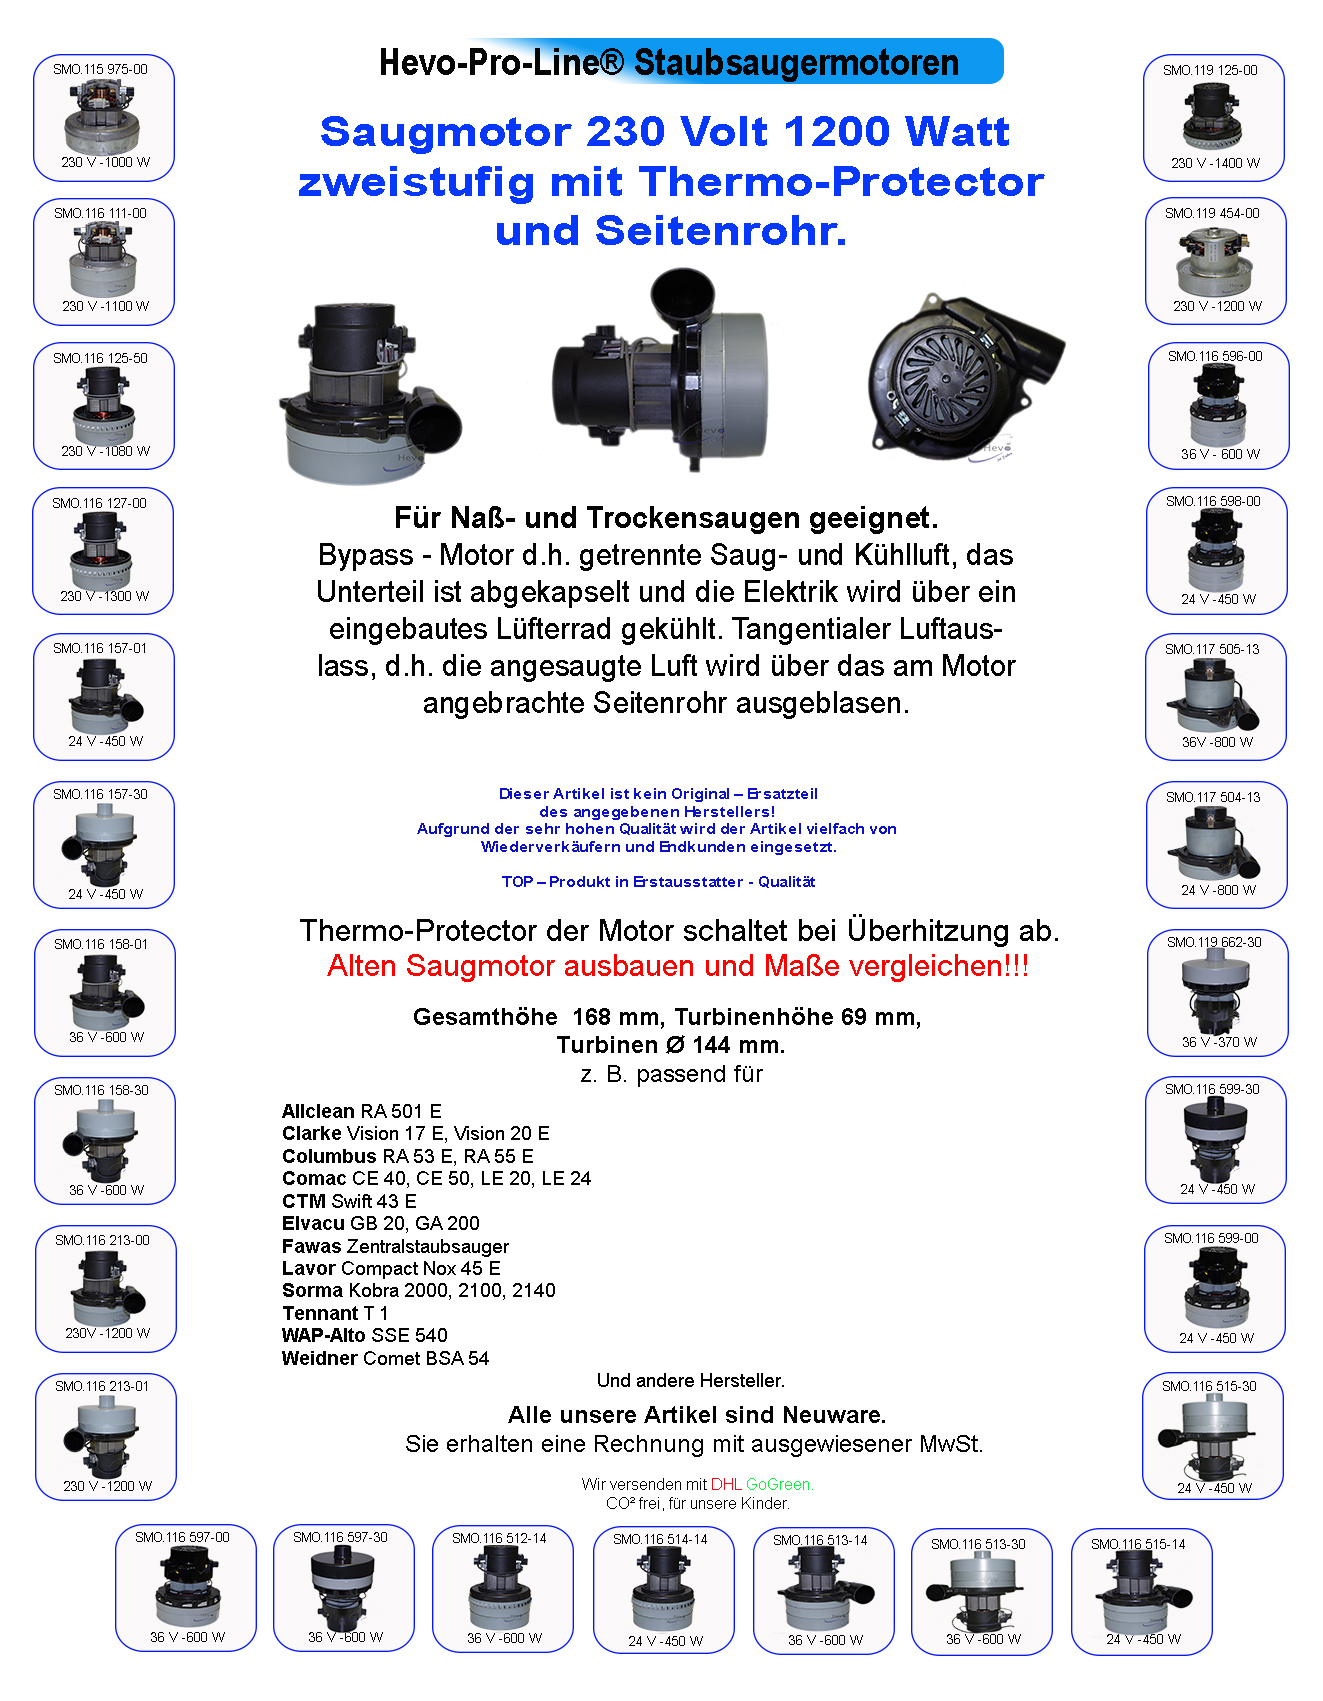 HEVO-Pro-Line ® Saugmotor saugturbine 230 V 1200 W Smart 251